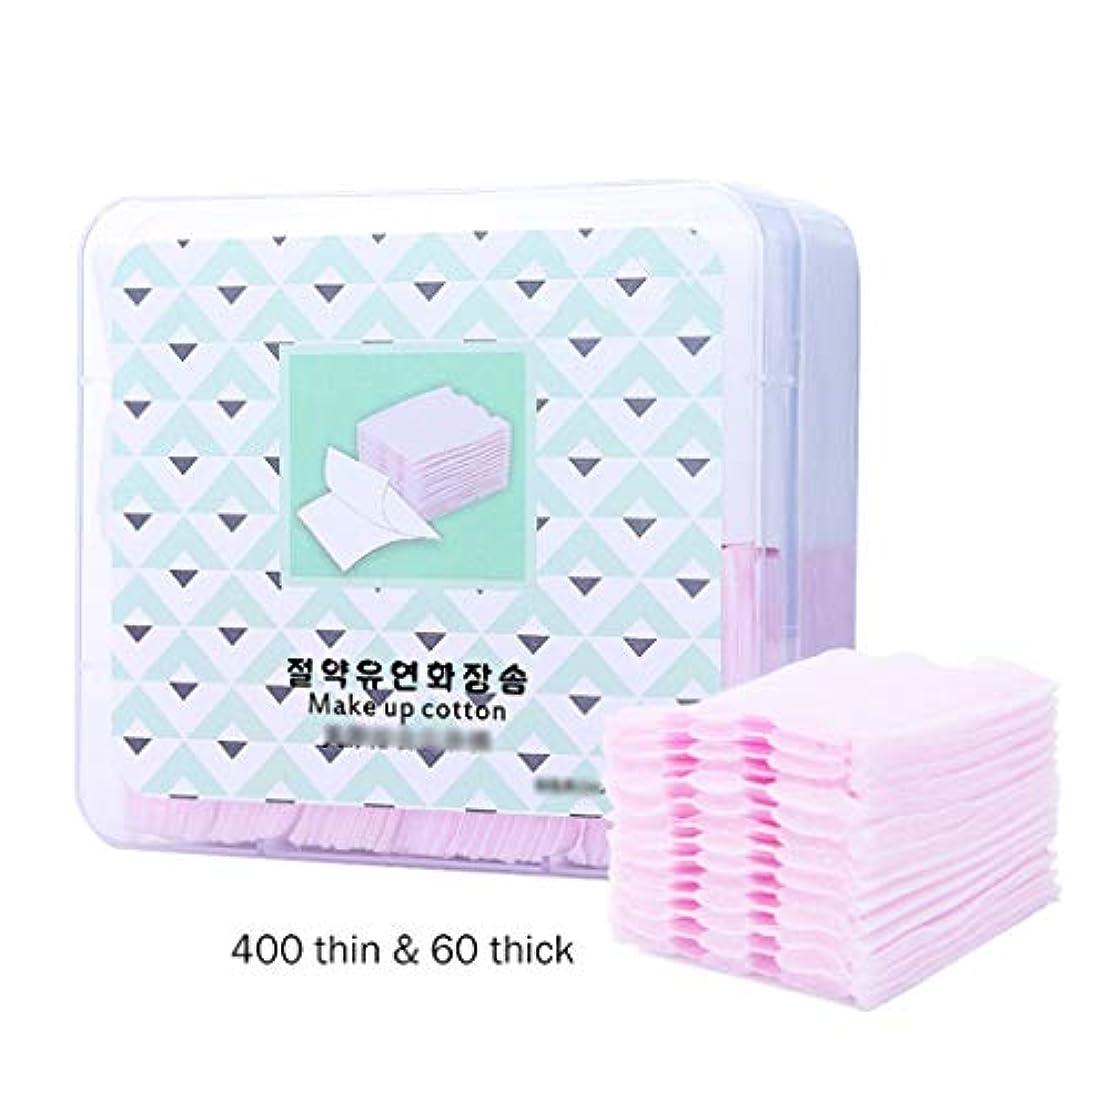 クレンジングシート 460ピース化粧コットンパッド再利用可能な有機ネイルコットンワイプフェイシャルティッシュメイクアップリムーバーワイプネイルナプキンホルダーボックス (Color : Pink+White)